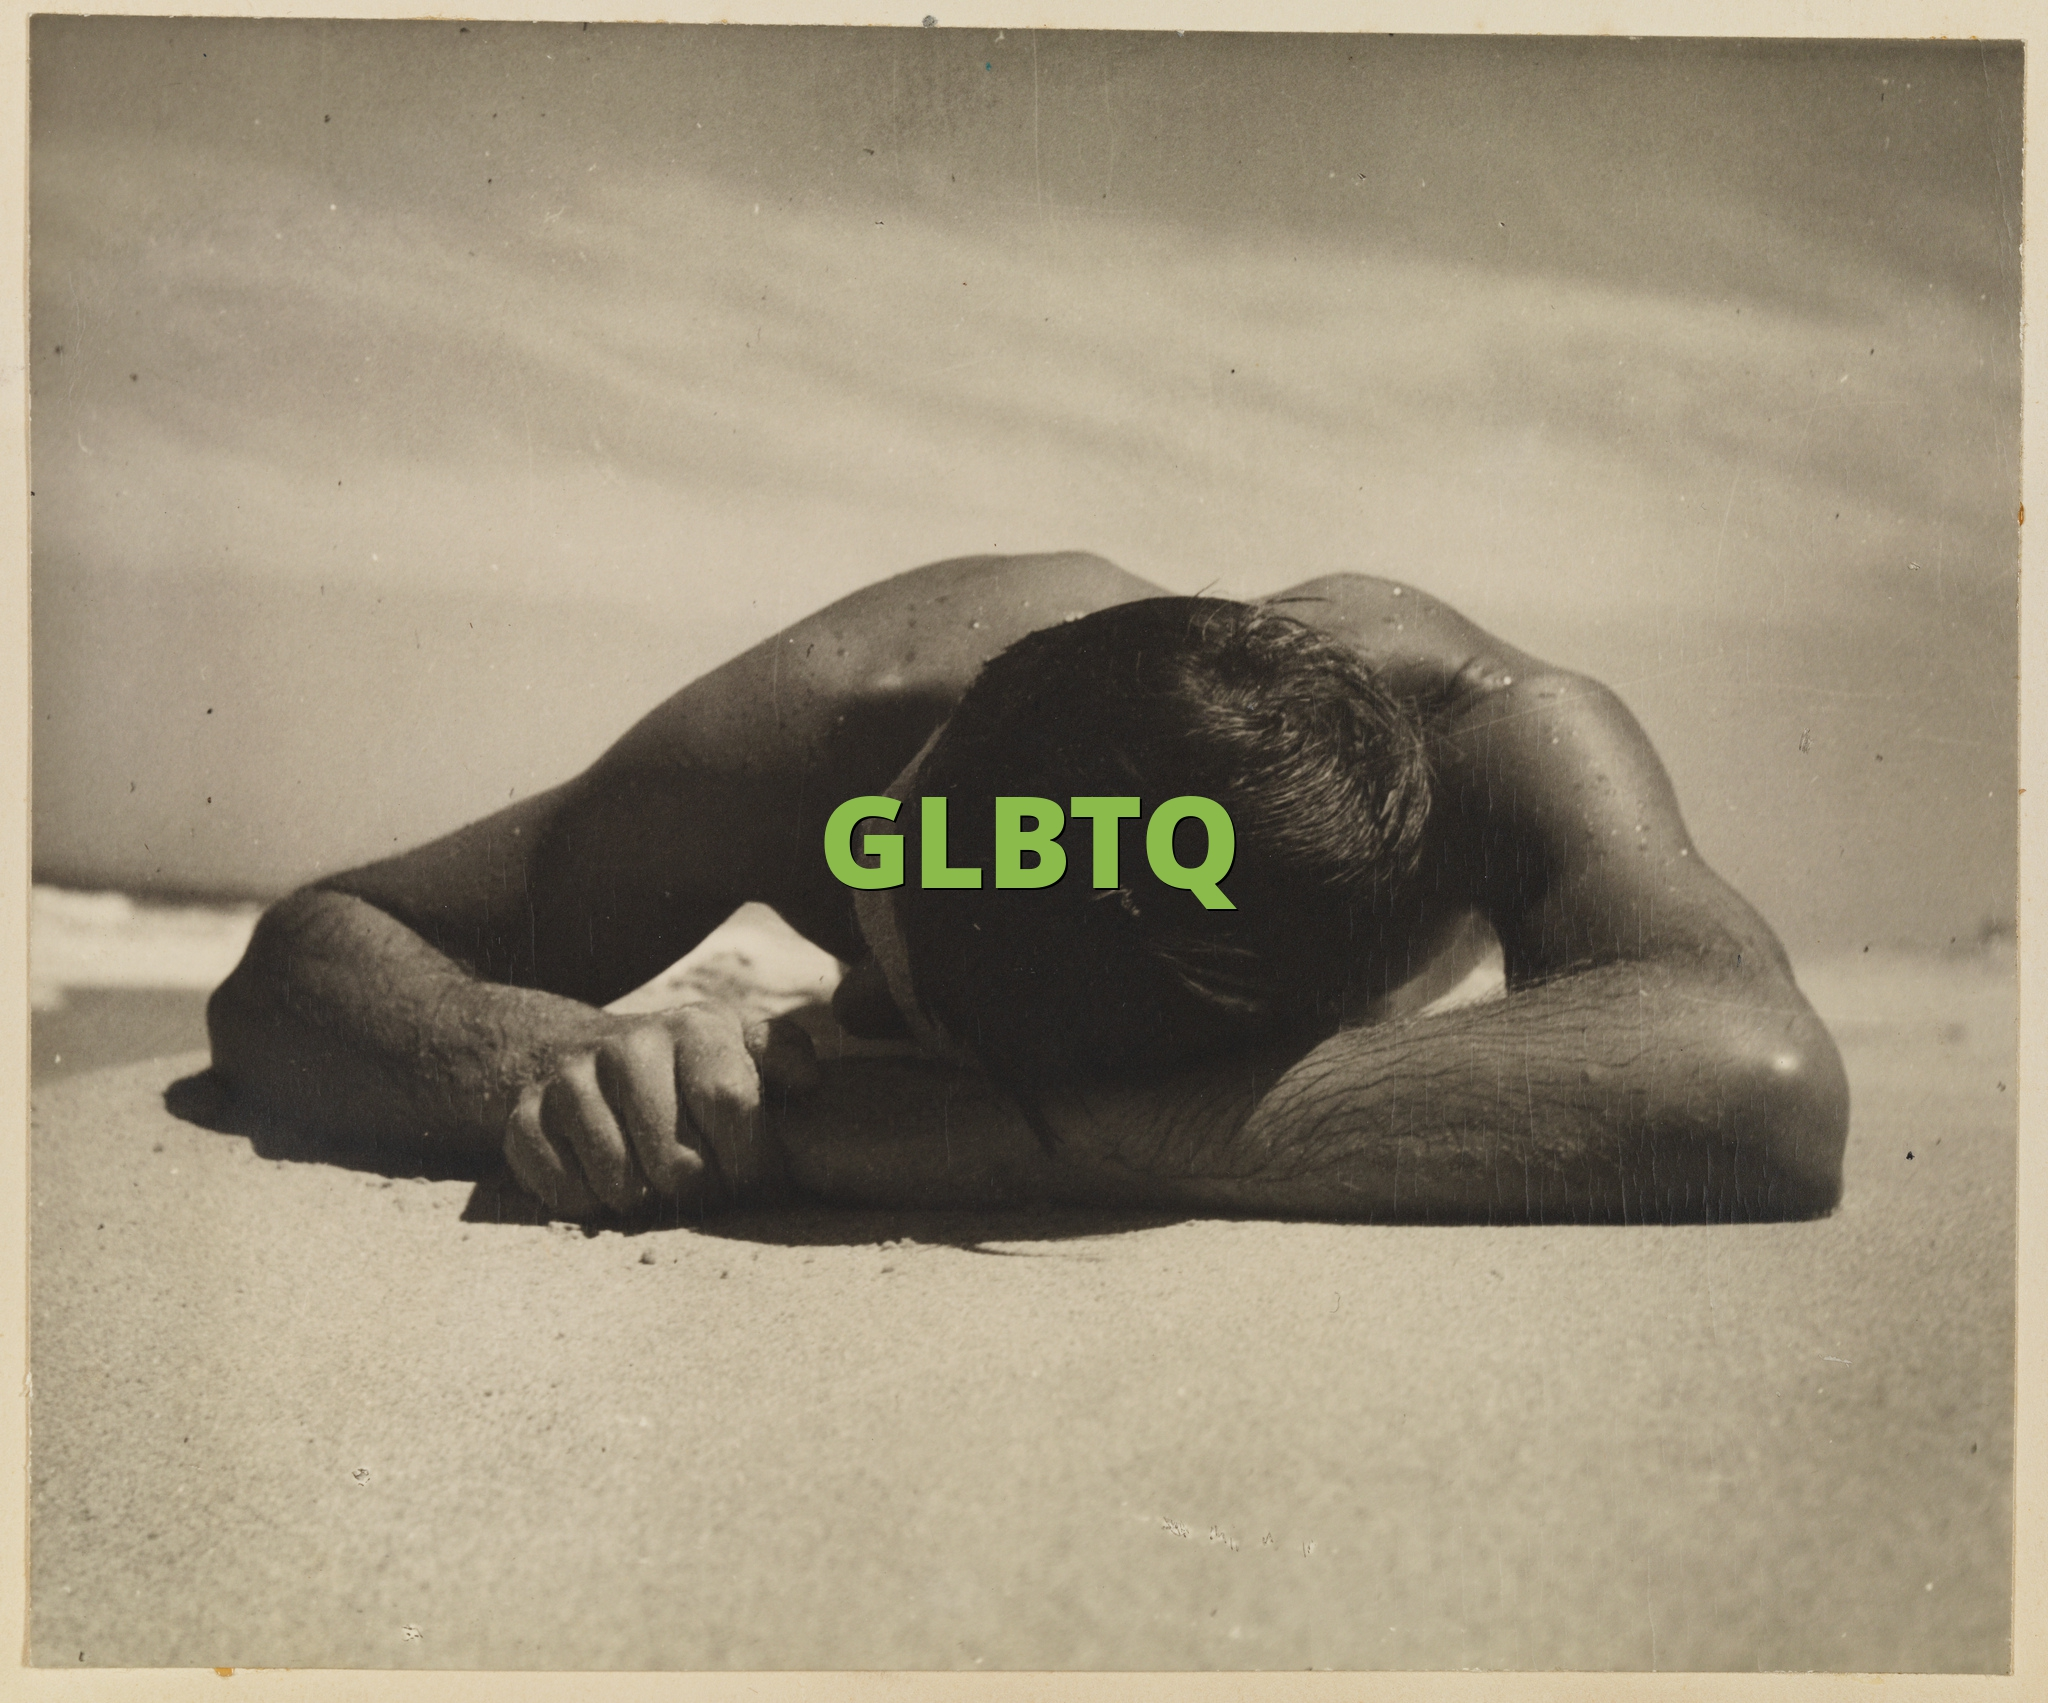 GLBTQ